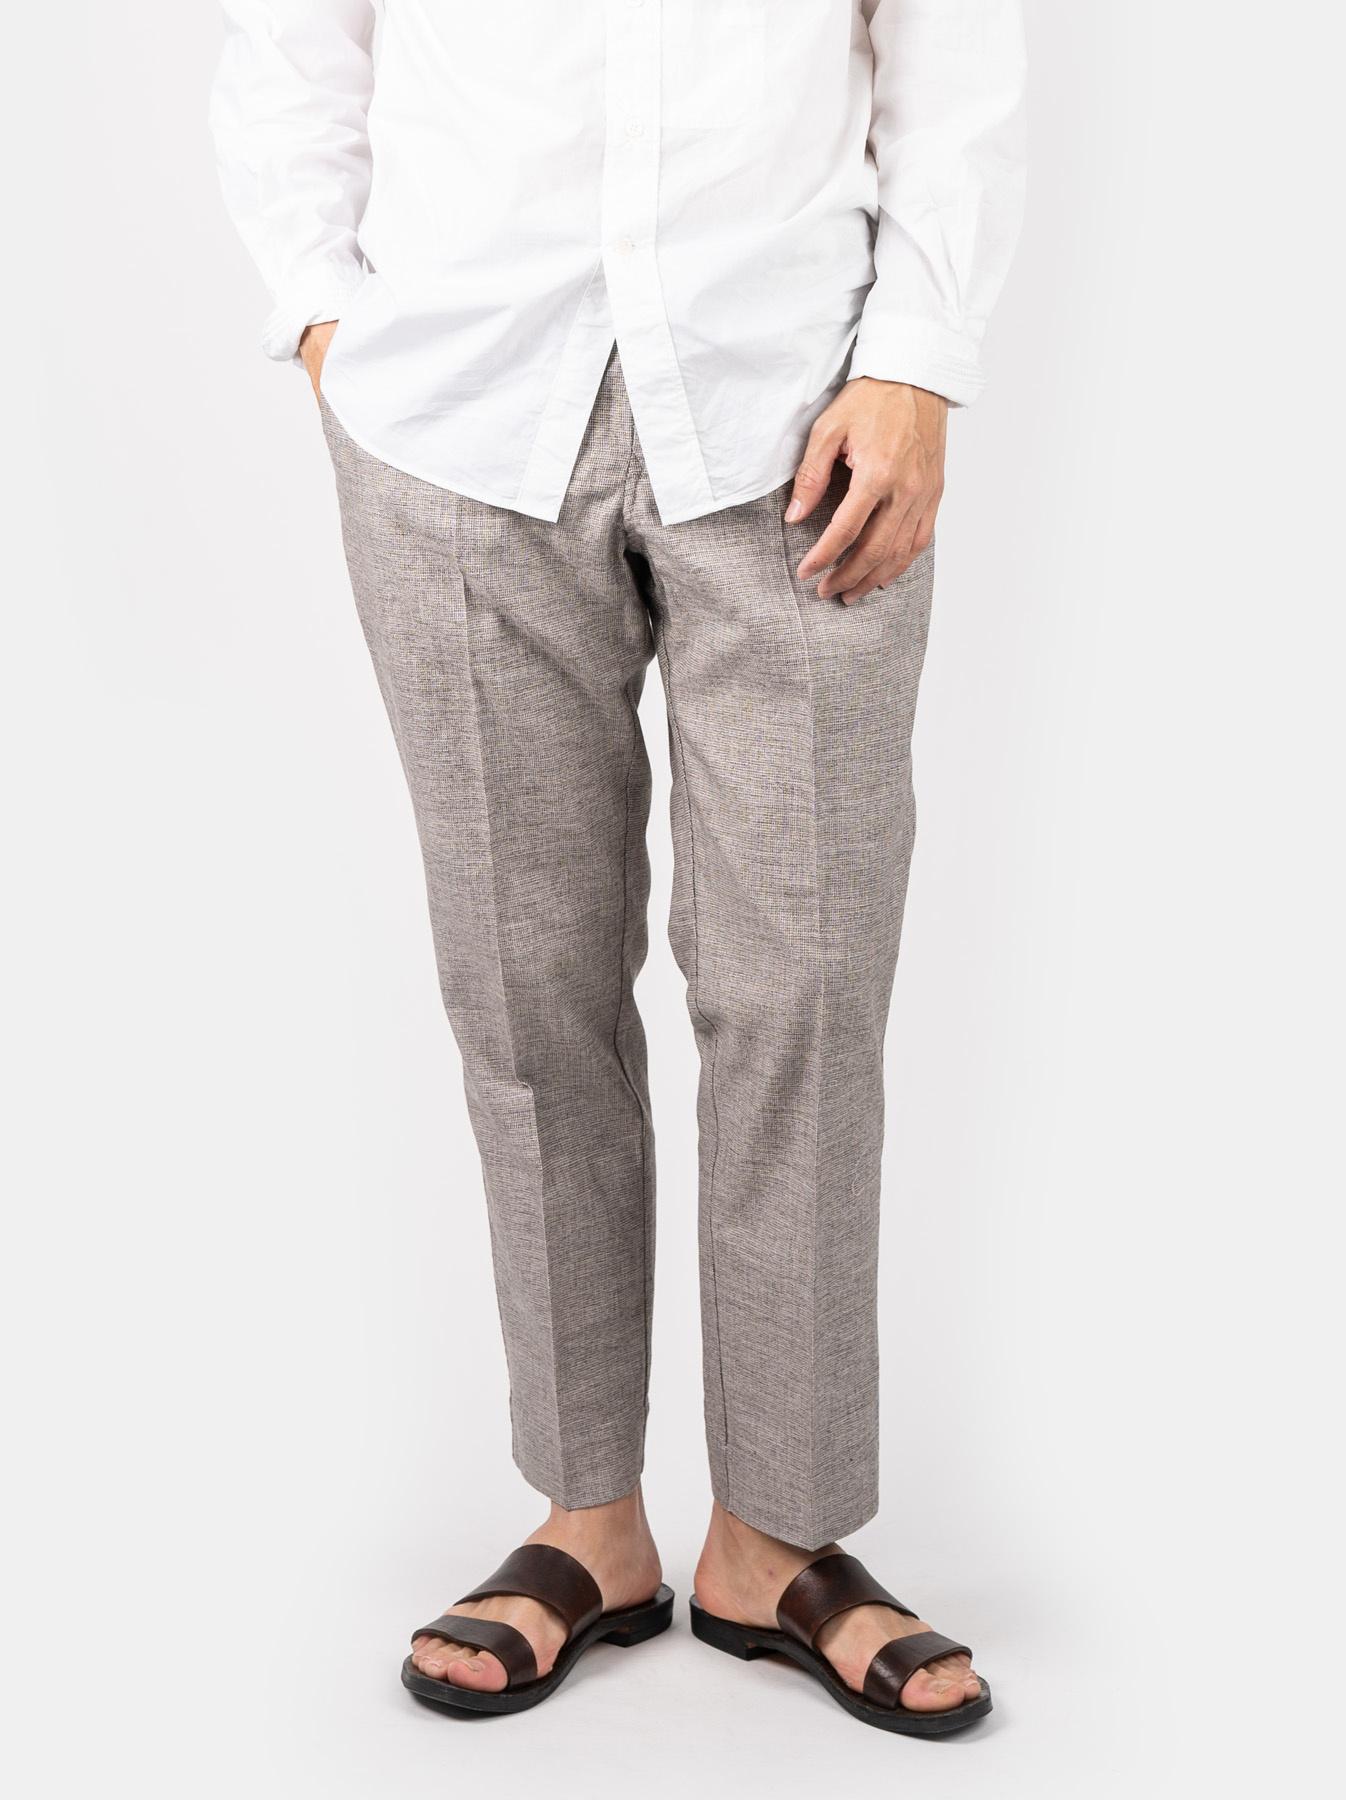 WH Cotton Tweed 908 Easy Slacks-3